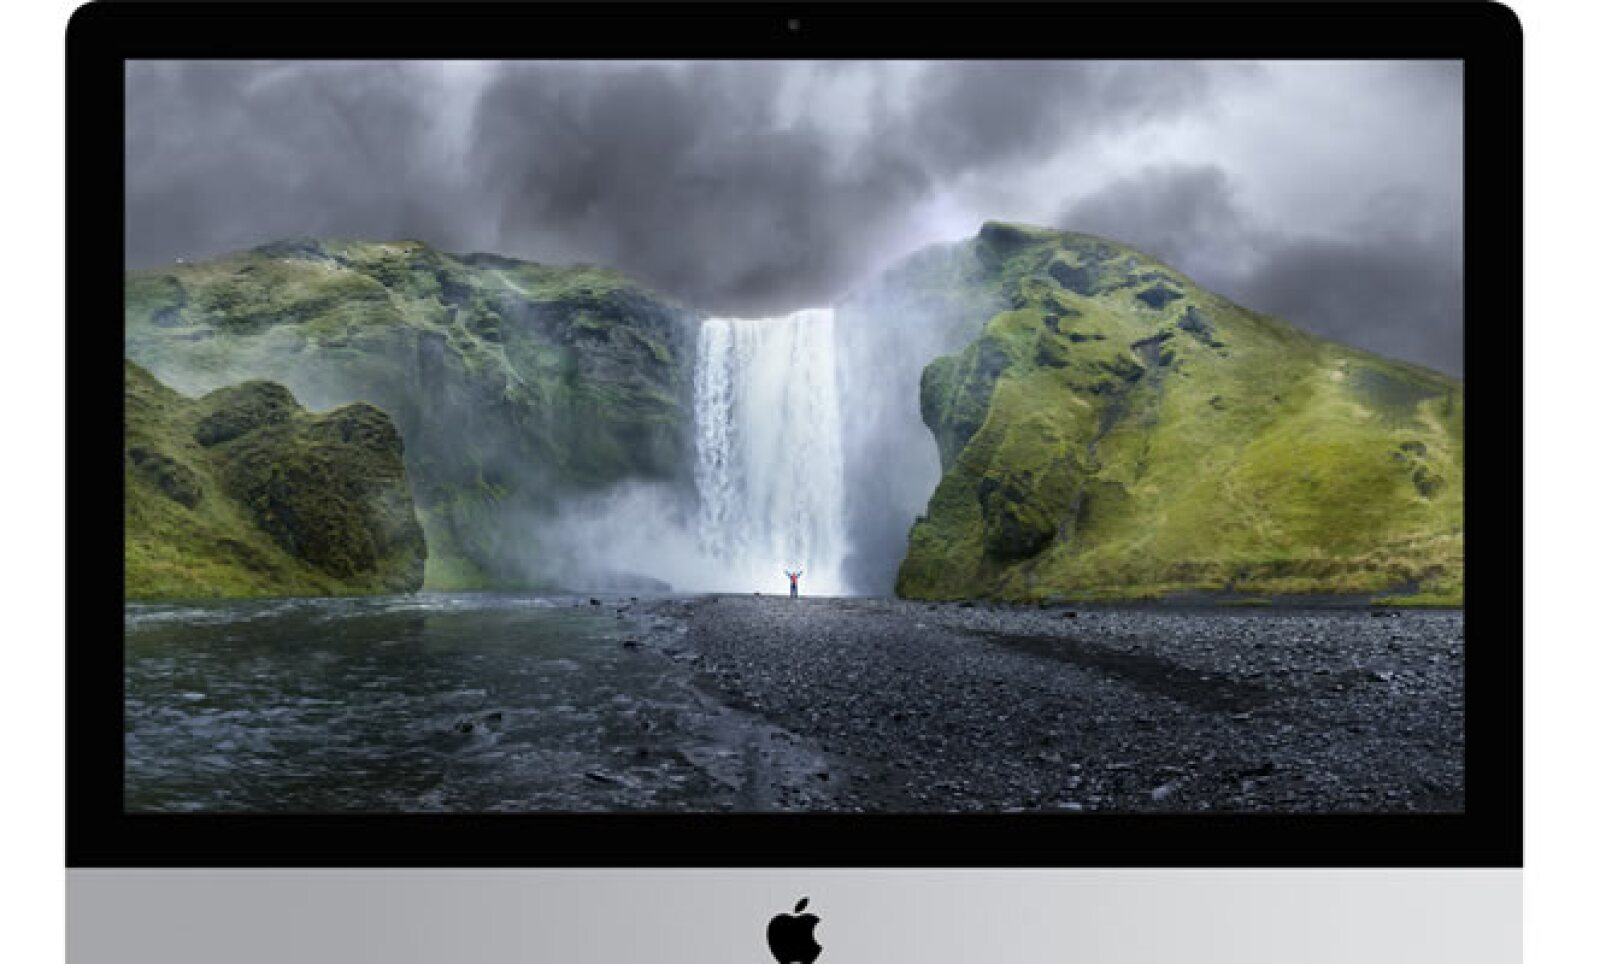 La nueva iMac con pantalla retina 5k ofrece una resolución de 14.7 millones de pixeles.